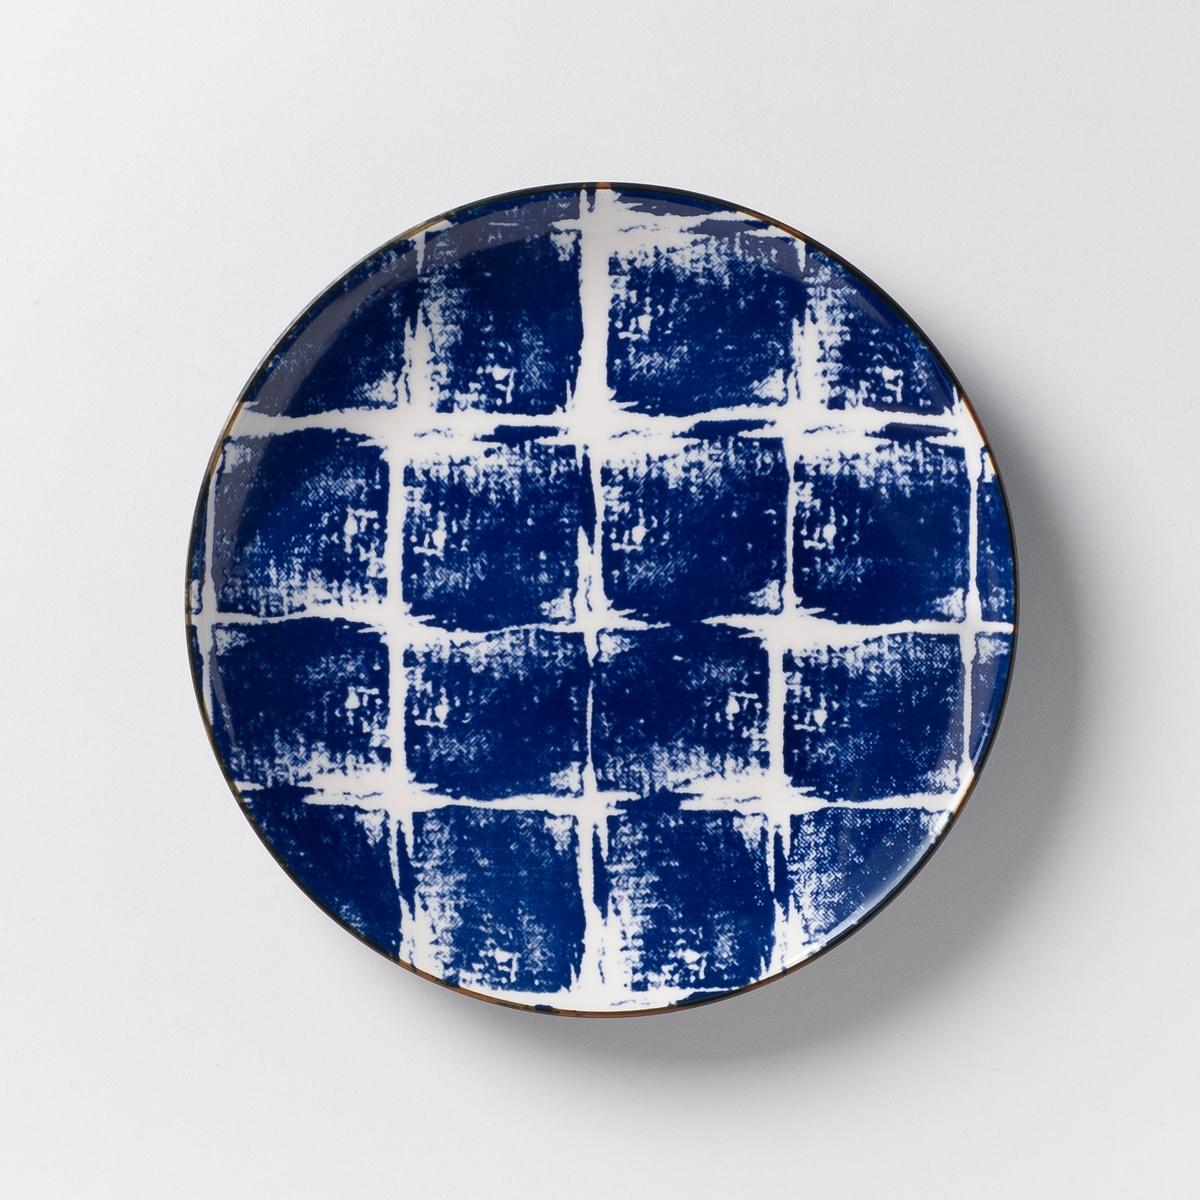 Комплект из 4 десертных тарелок из керамики Malado4 десертные тарелки Malado. Рисунок икат. Из керамики, покрытой глазурью. Размеры : диаметр 20 см. Подходит для посудомоечной машины и микроволновой  печи. Салатник, миска и мелкая тарелка того же набора представлены на  нашем сайте.<br><br>Цвет: горчичный,индиго<br>Размер: единый размер.единый размер